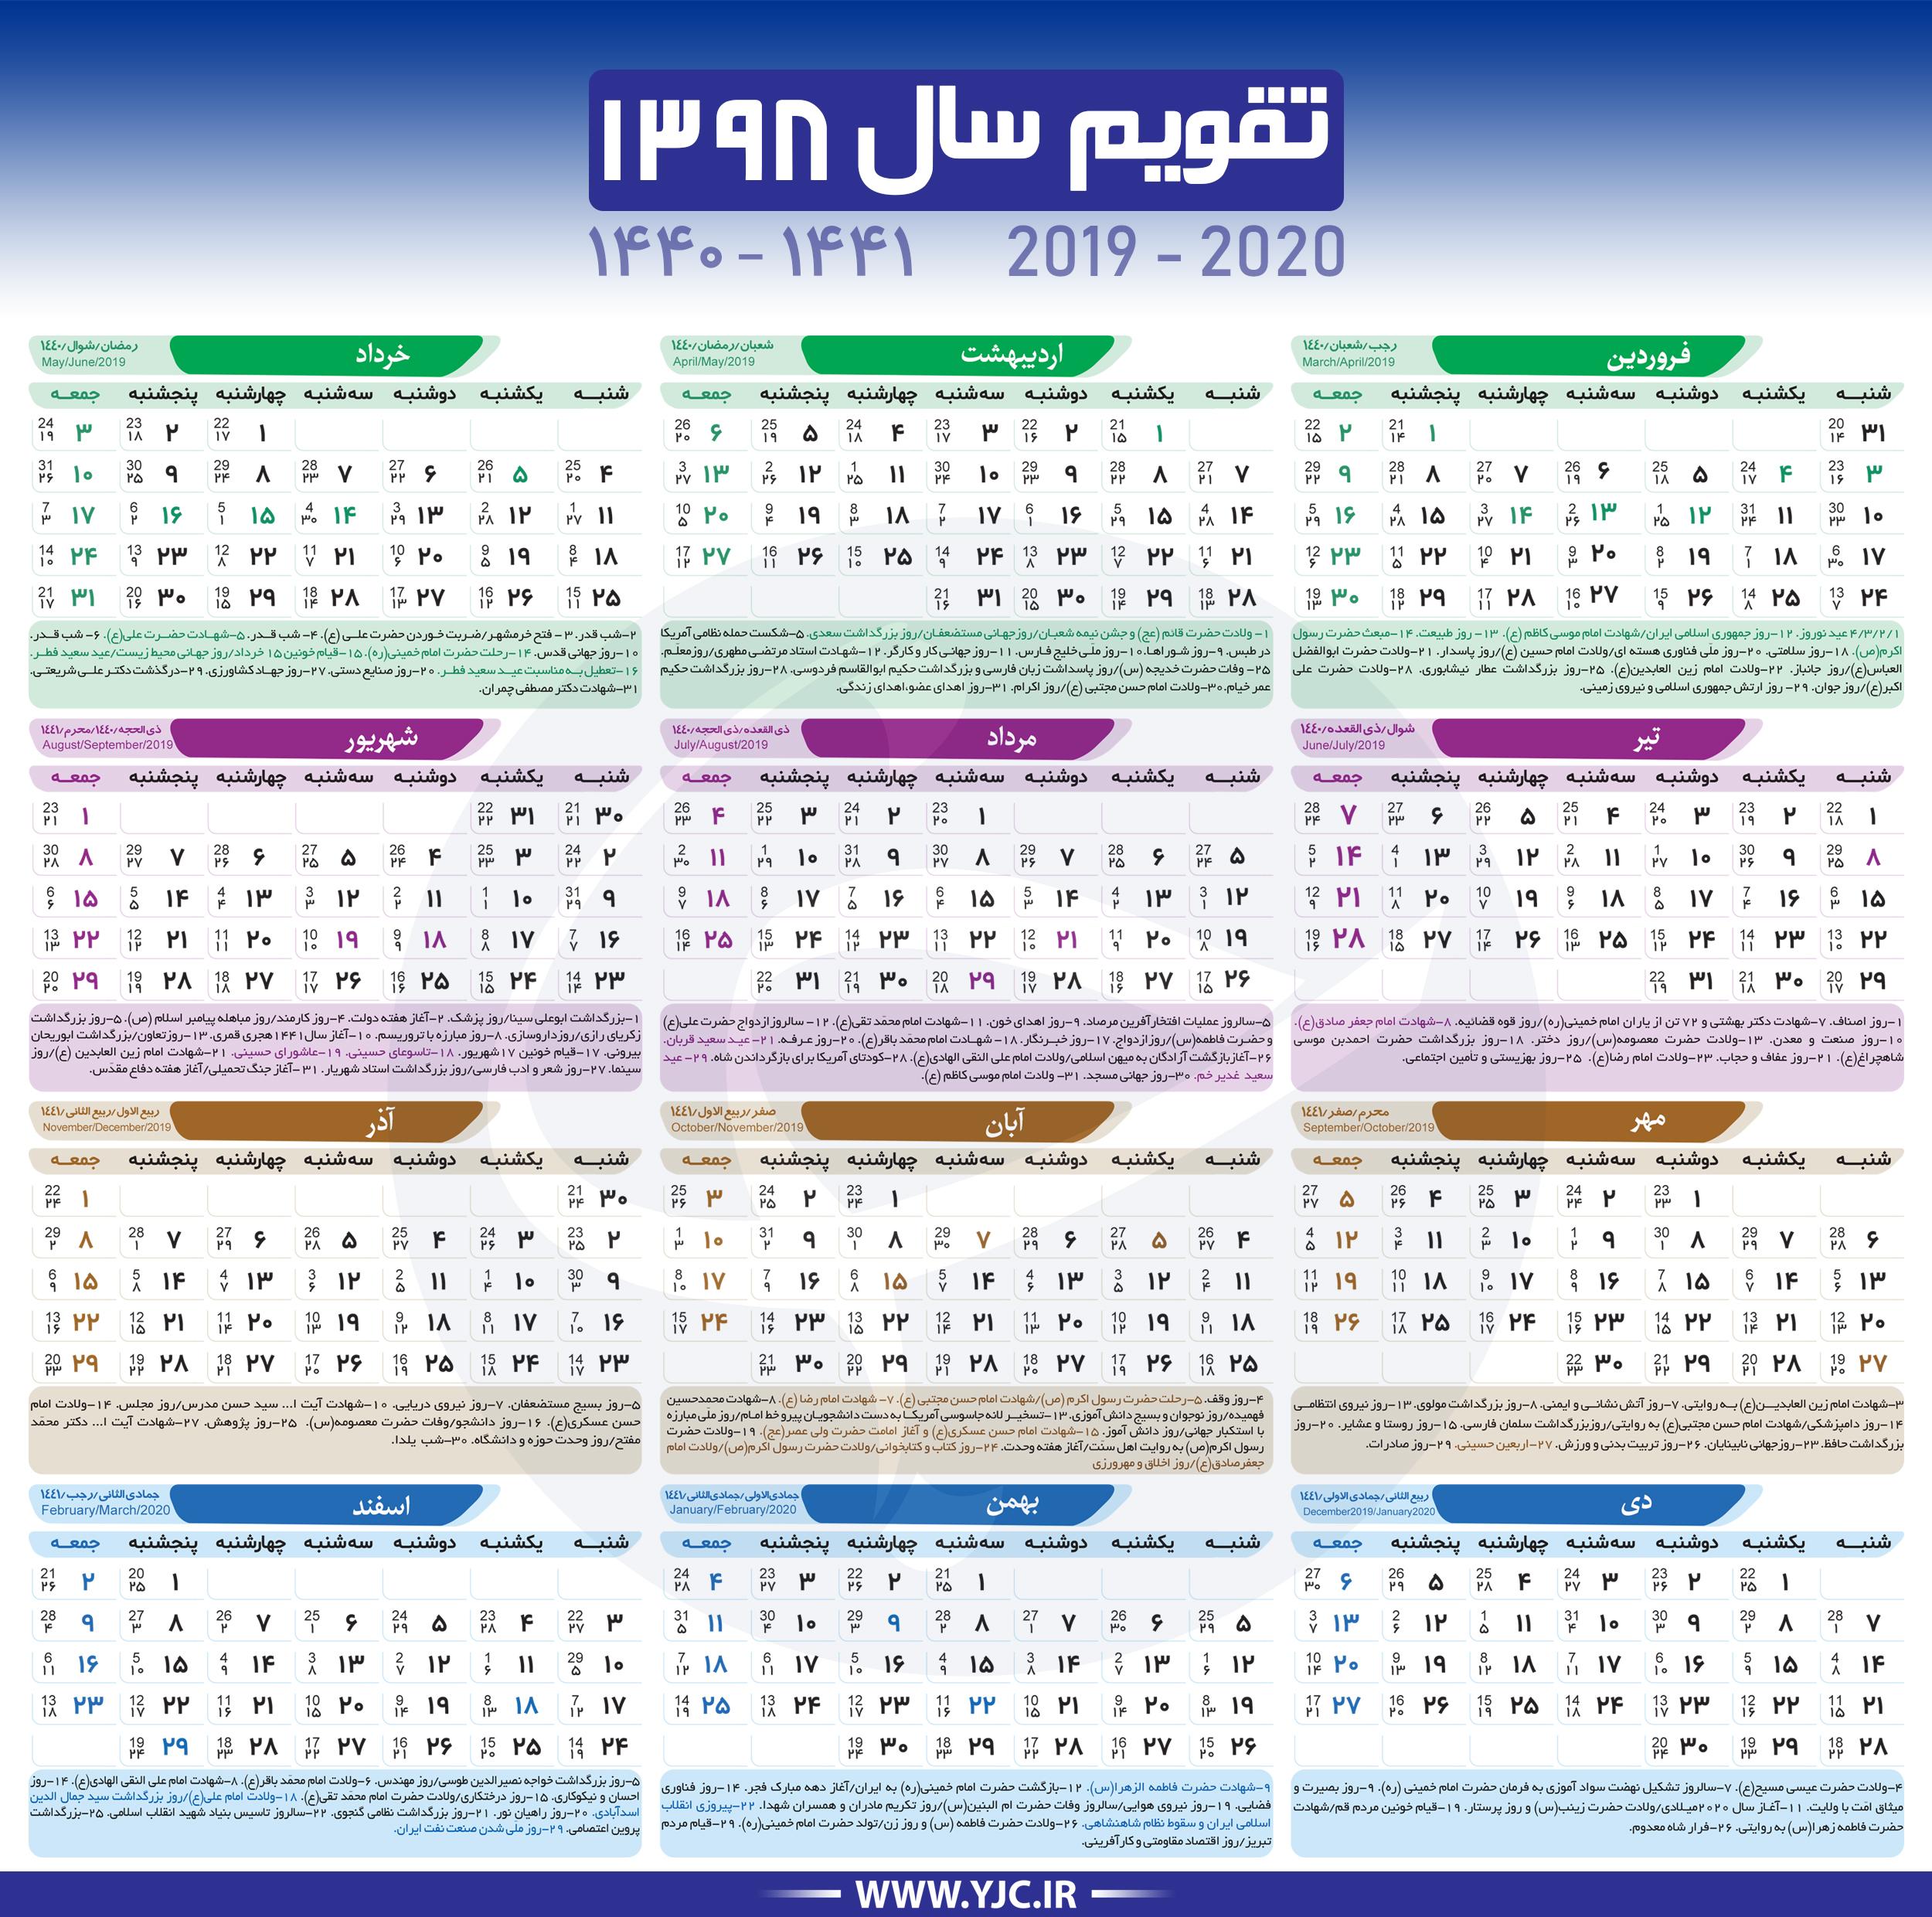 تقویم ۱۳۹۸ هجری شمسی